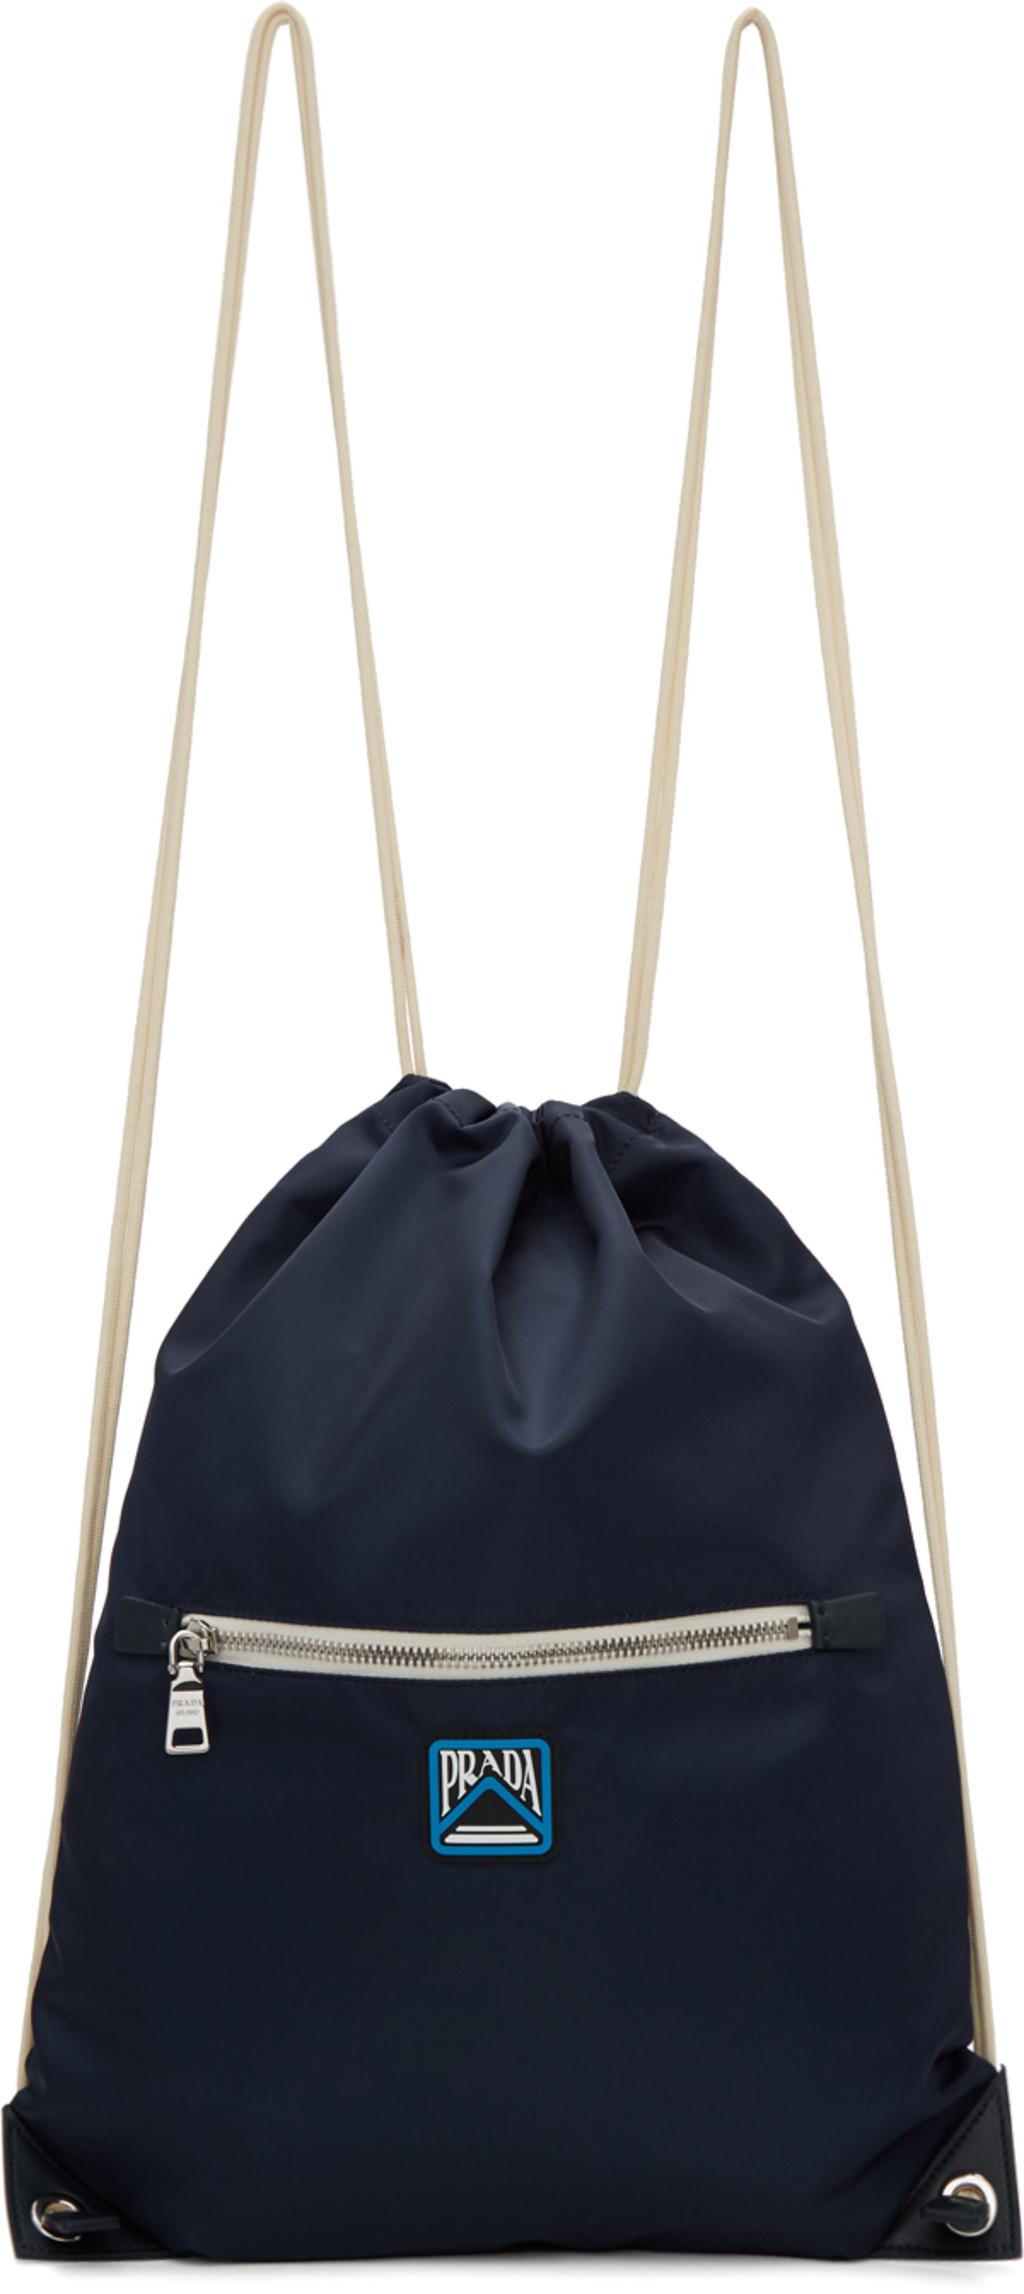 8c2c46c62 Prada bags for Men | SSENSE Canada